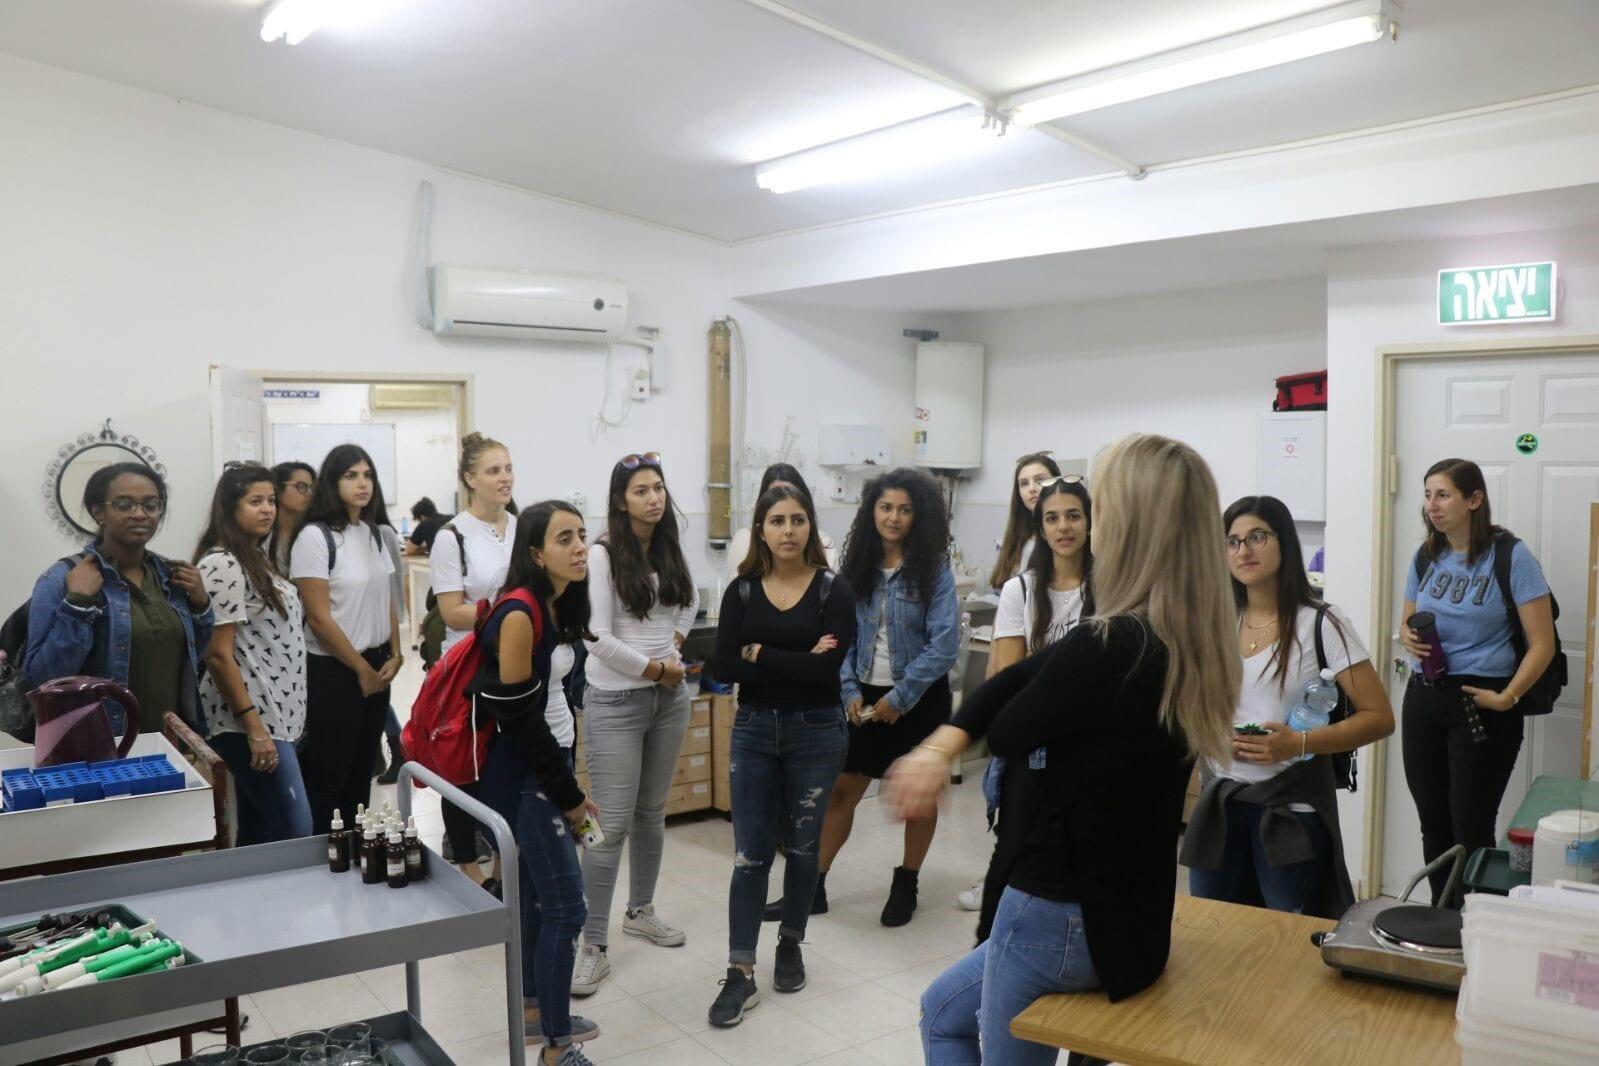 כפר הנוער עיינות – מהי מנהיגות?